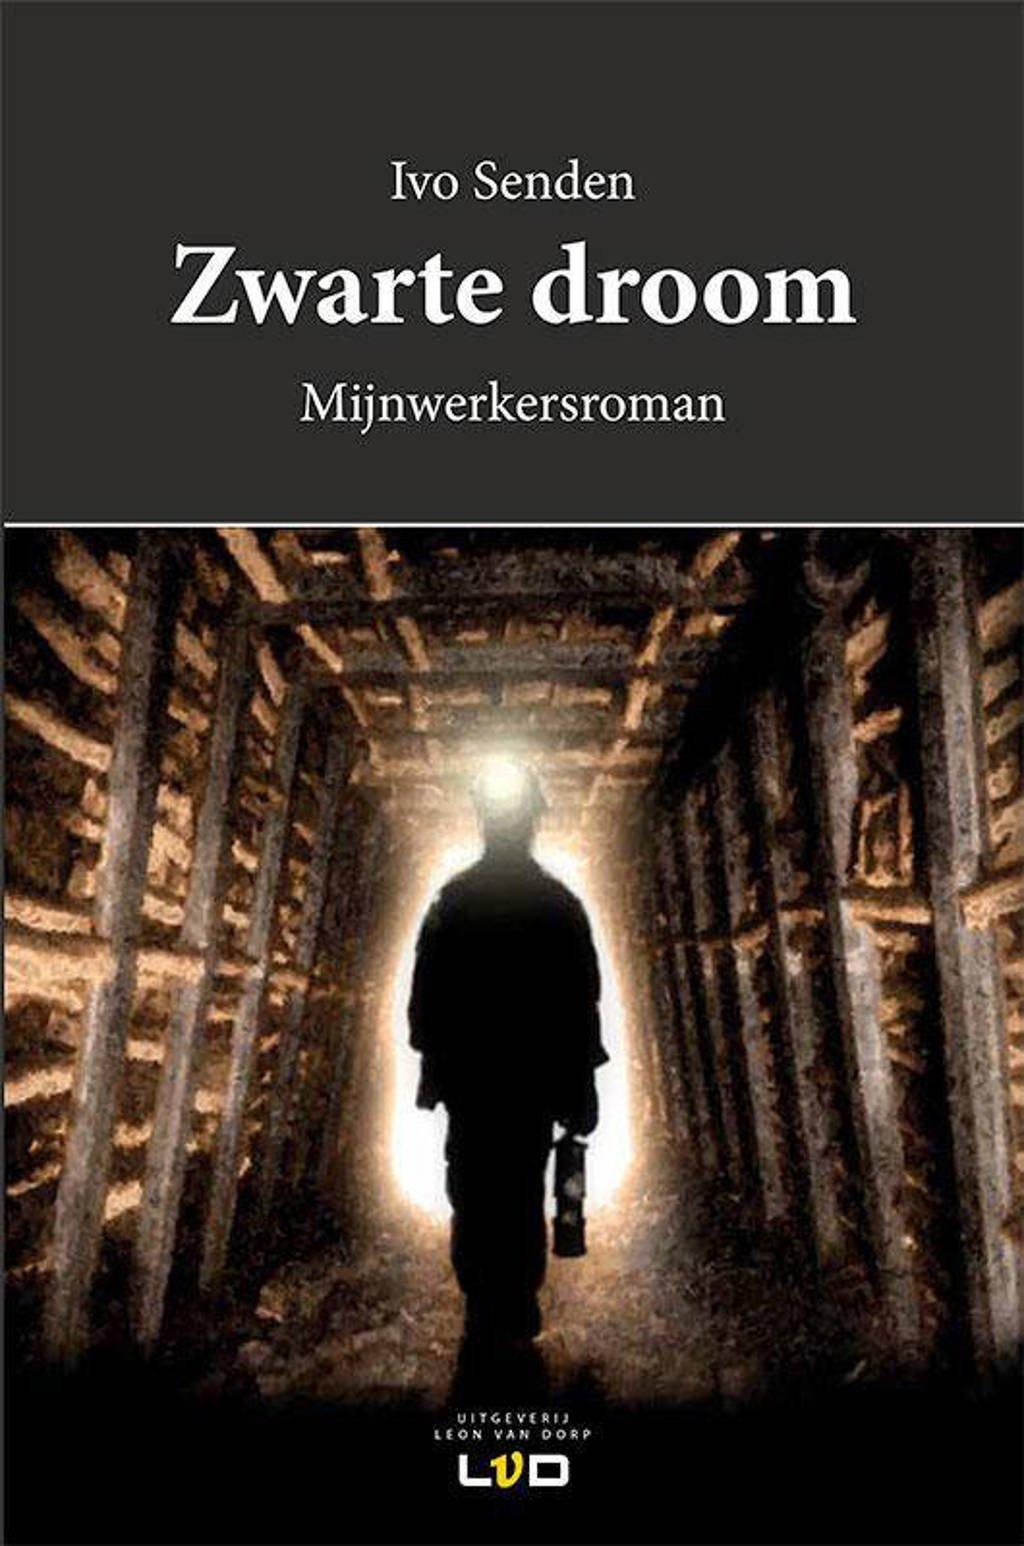 Zwarte droom - Ivo Senden